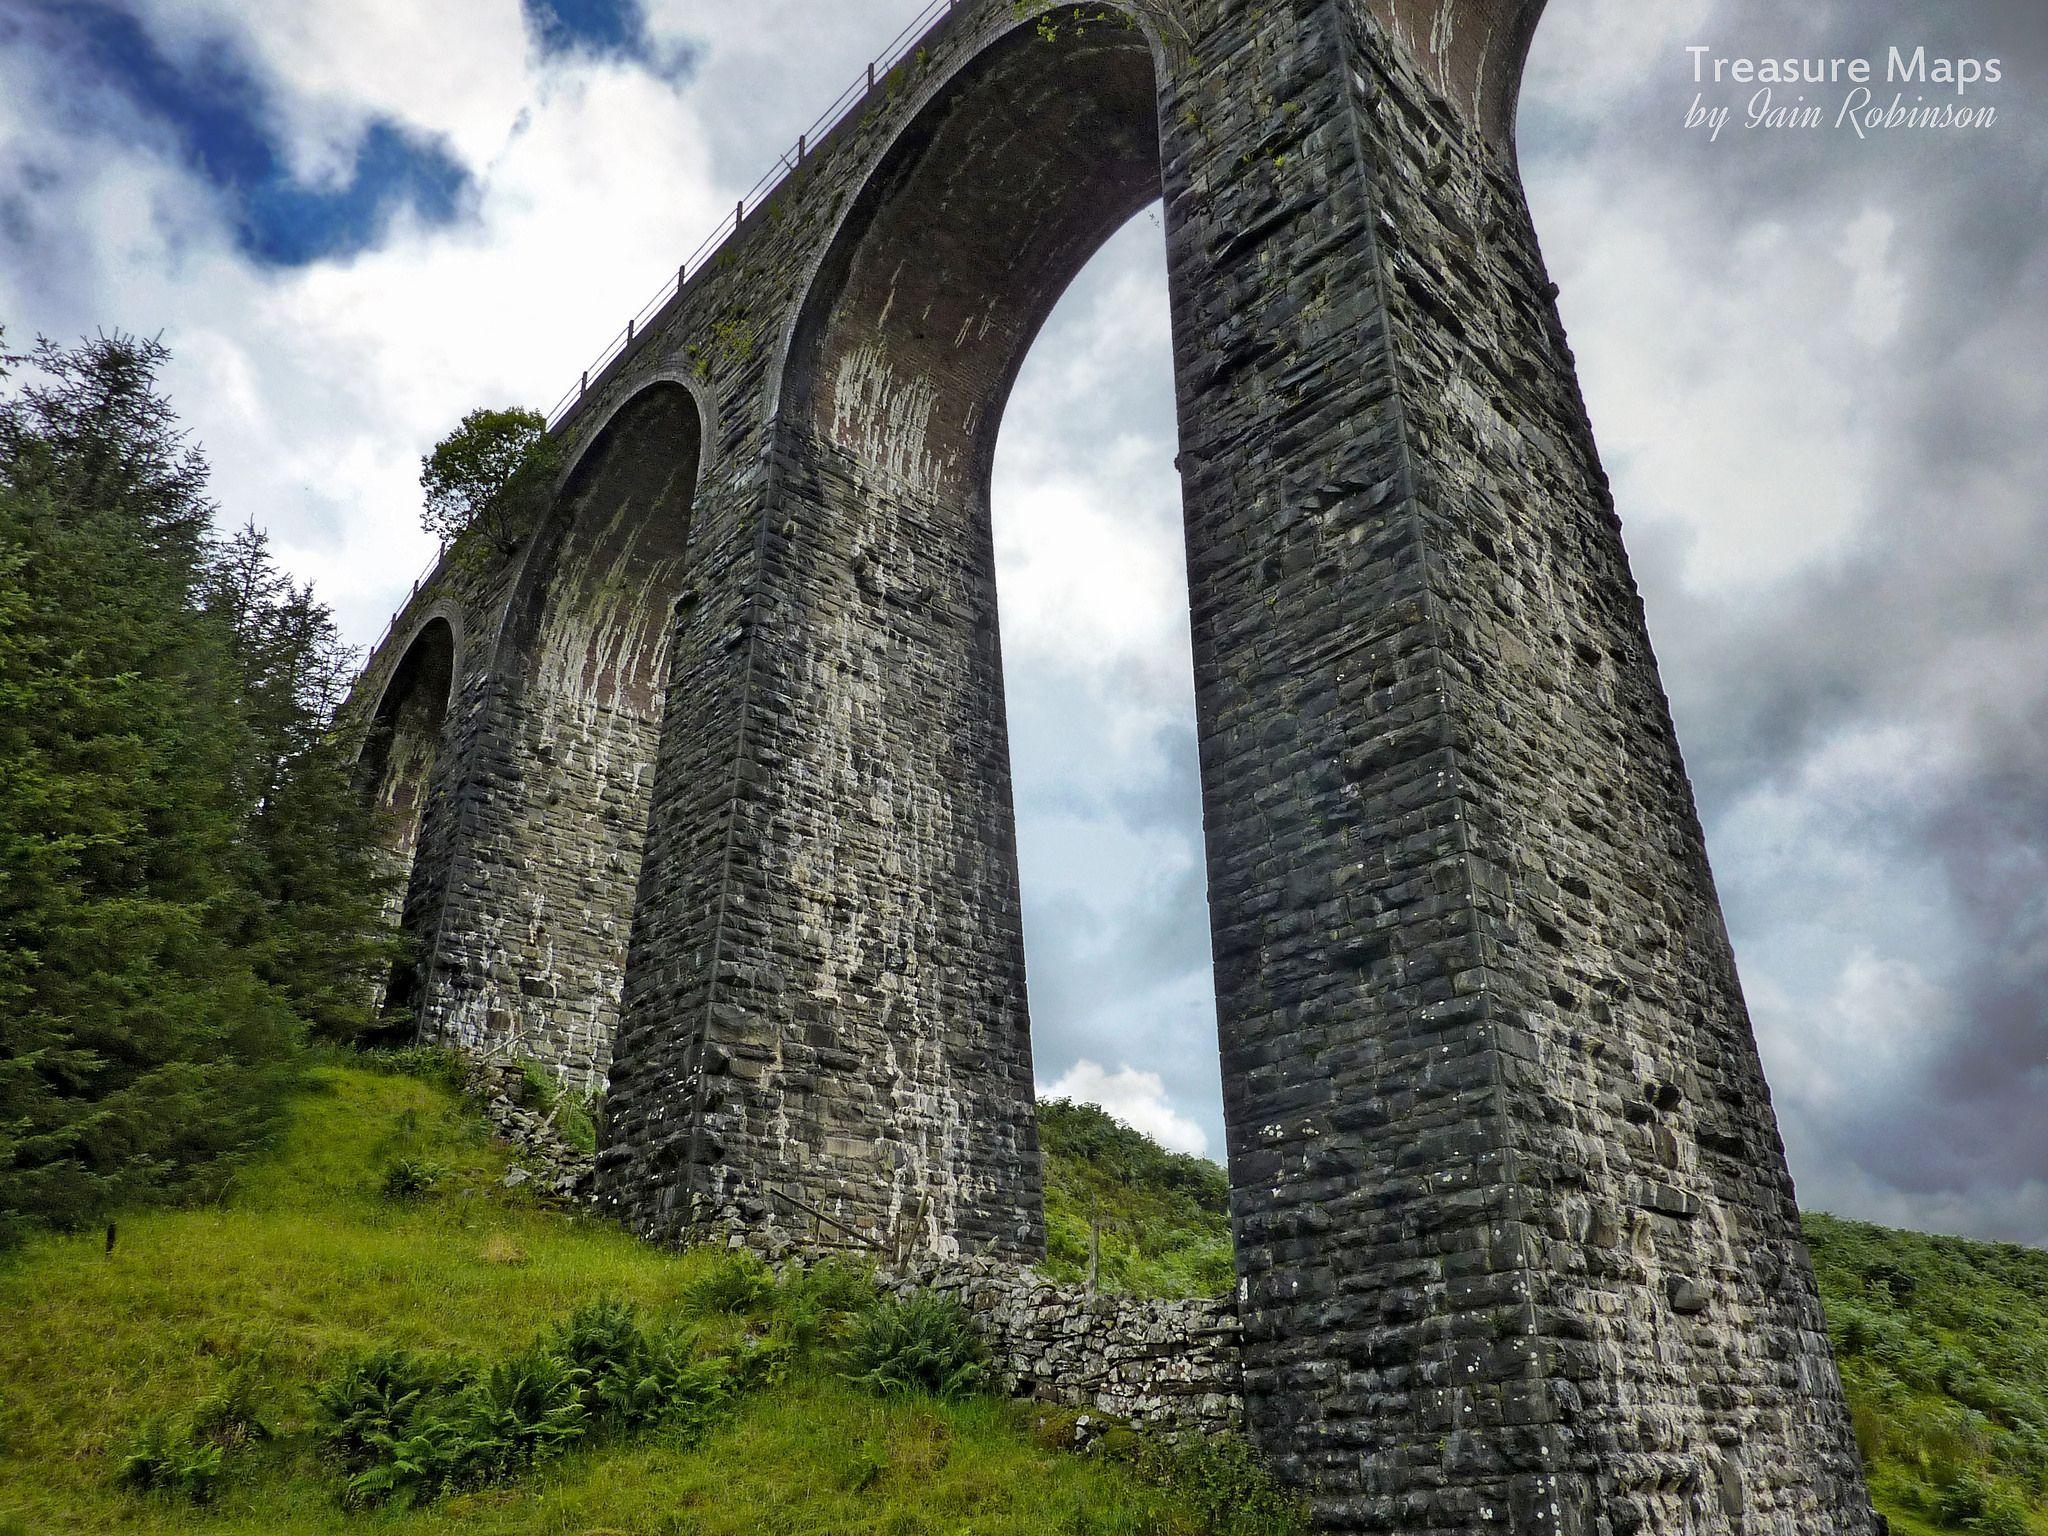 https://flic.kr/p/ALm3hd | Cwm Prysor Viaduct | On the closed Blaenau Ffestiniog-Bala line